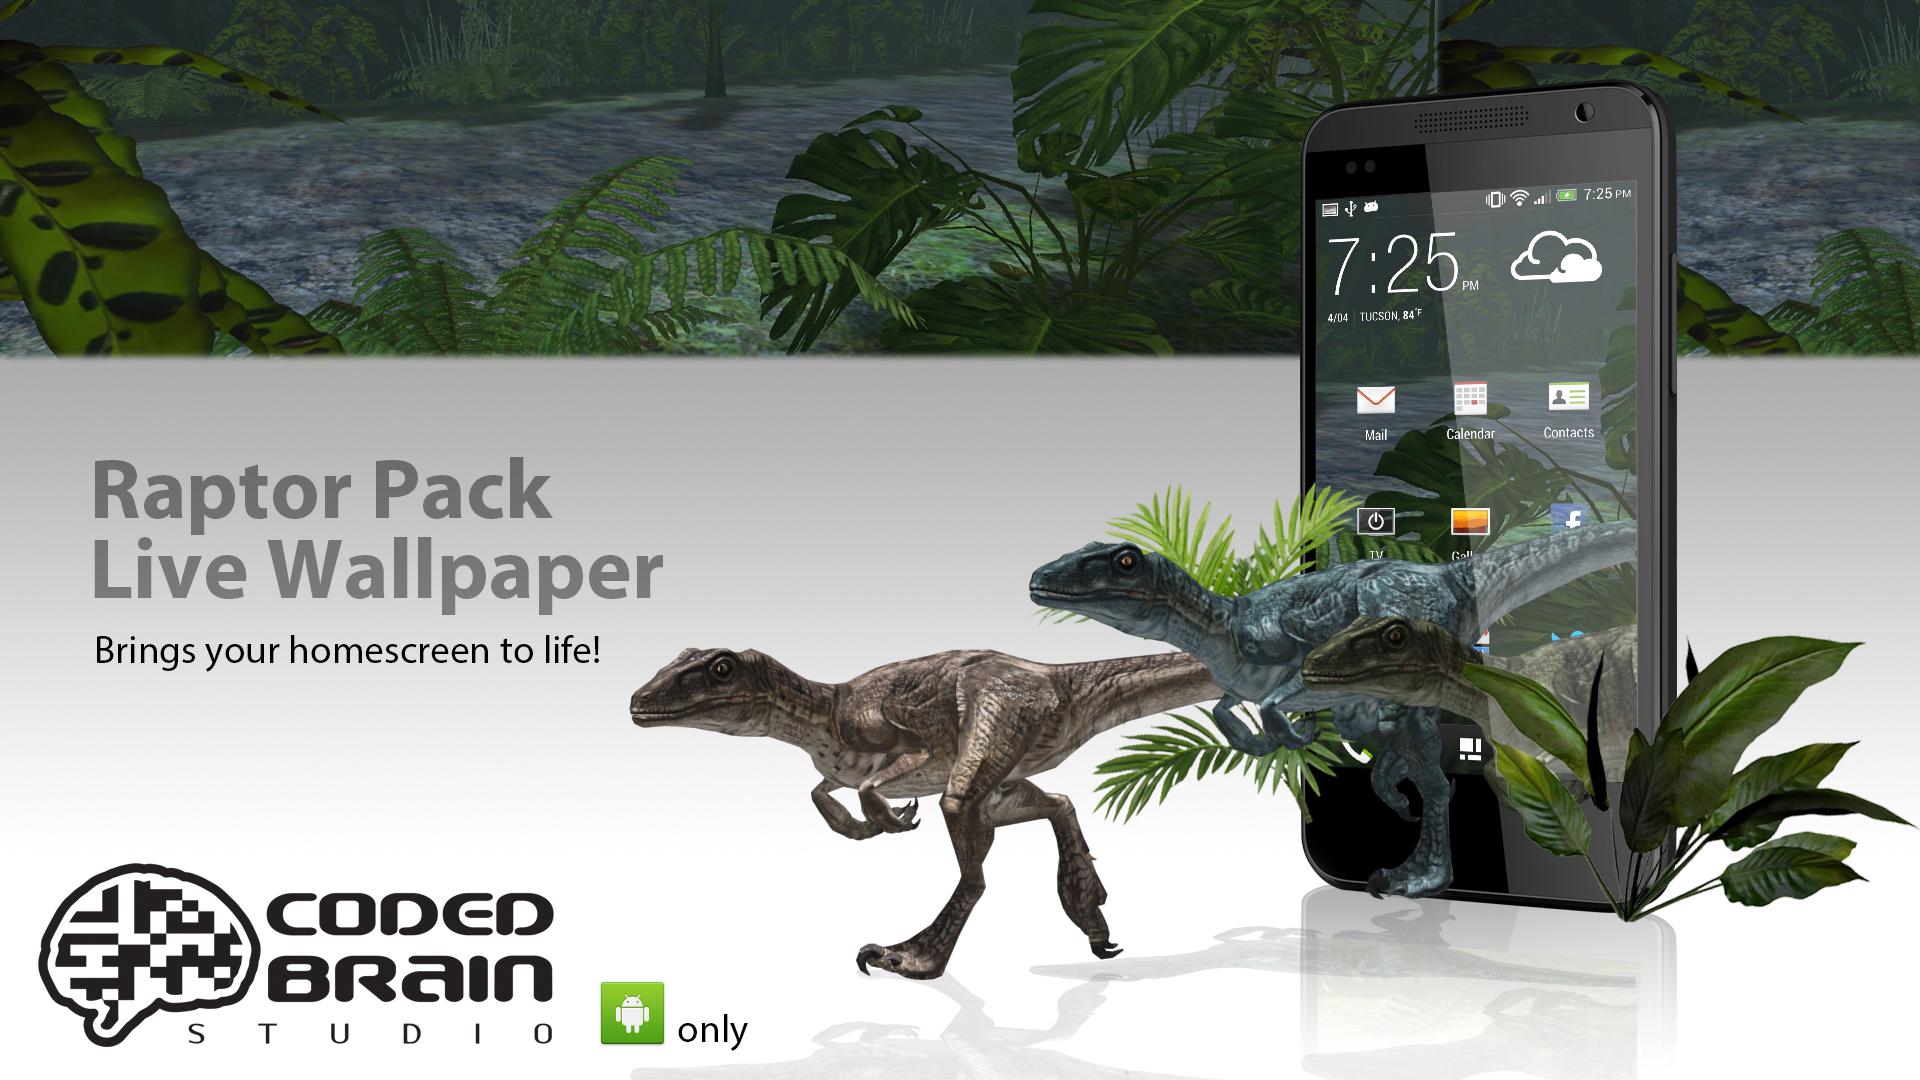 Raptor Pack Live Wallpaper